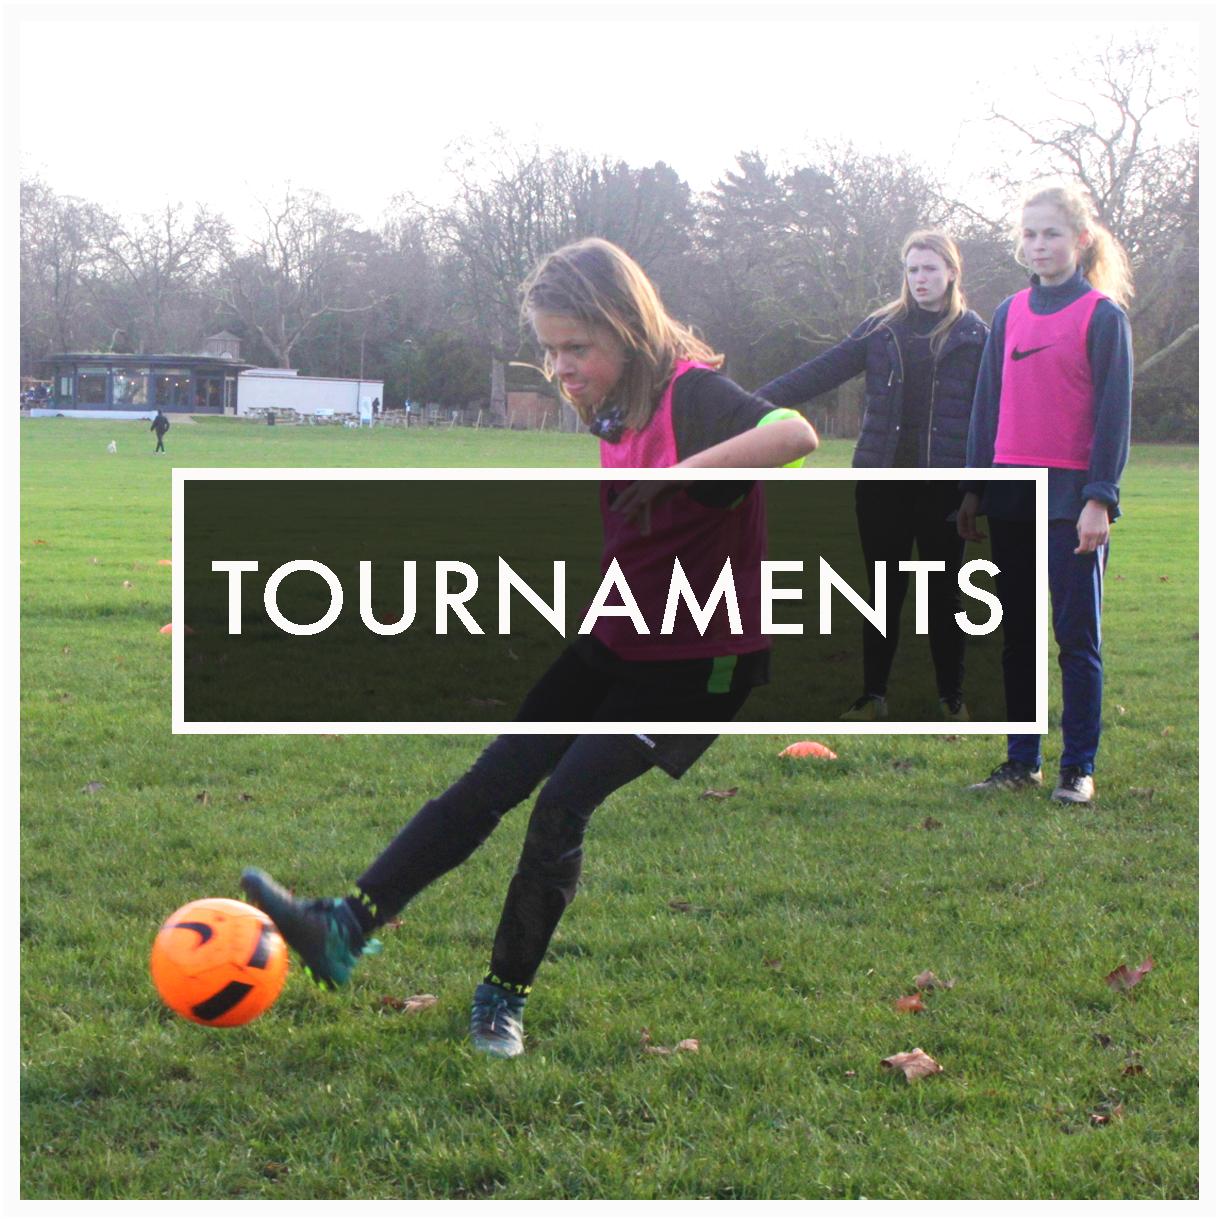 Participa en los torneos de Girls United, apoyando nuestra causa y ayudando a anotar goles  sin fronteras.   Nuestro próximo torneo celebra la  Copa Mundial Femenil  este verano.